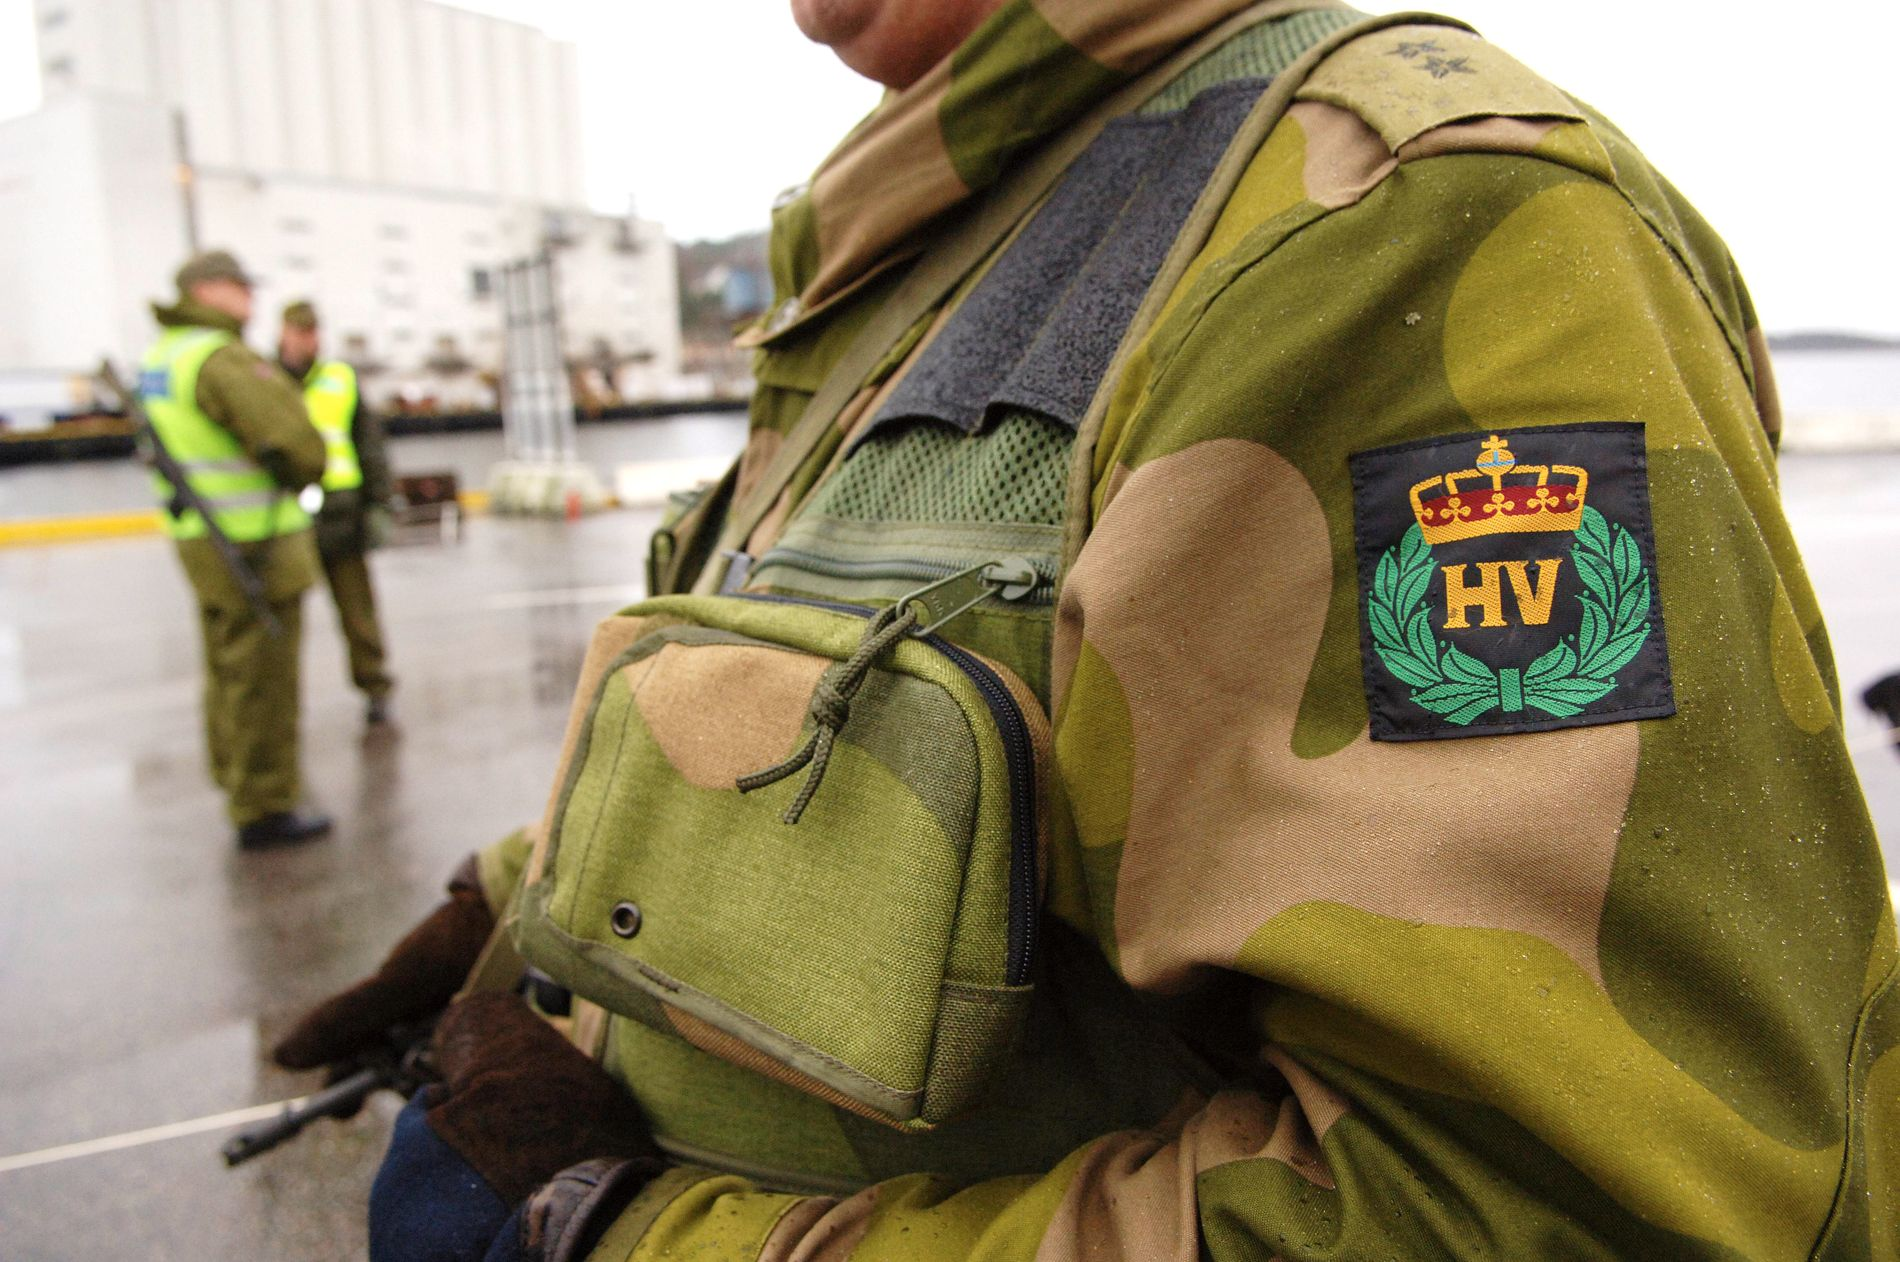 TRENGER SOLDATER: Samfunnskritiske bygg og installasjoner trenger mange soldater for å kunne sikres over litt tid, skriver Per Olaf Lundteigen.